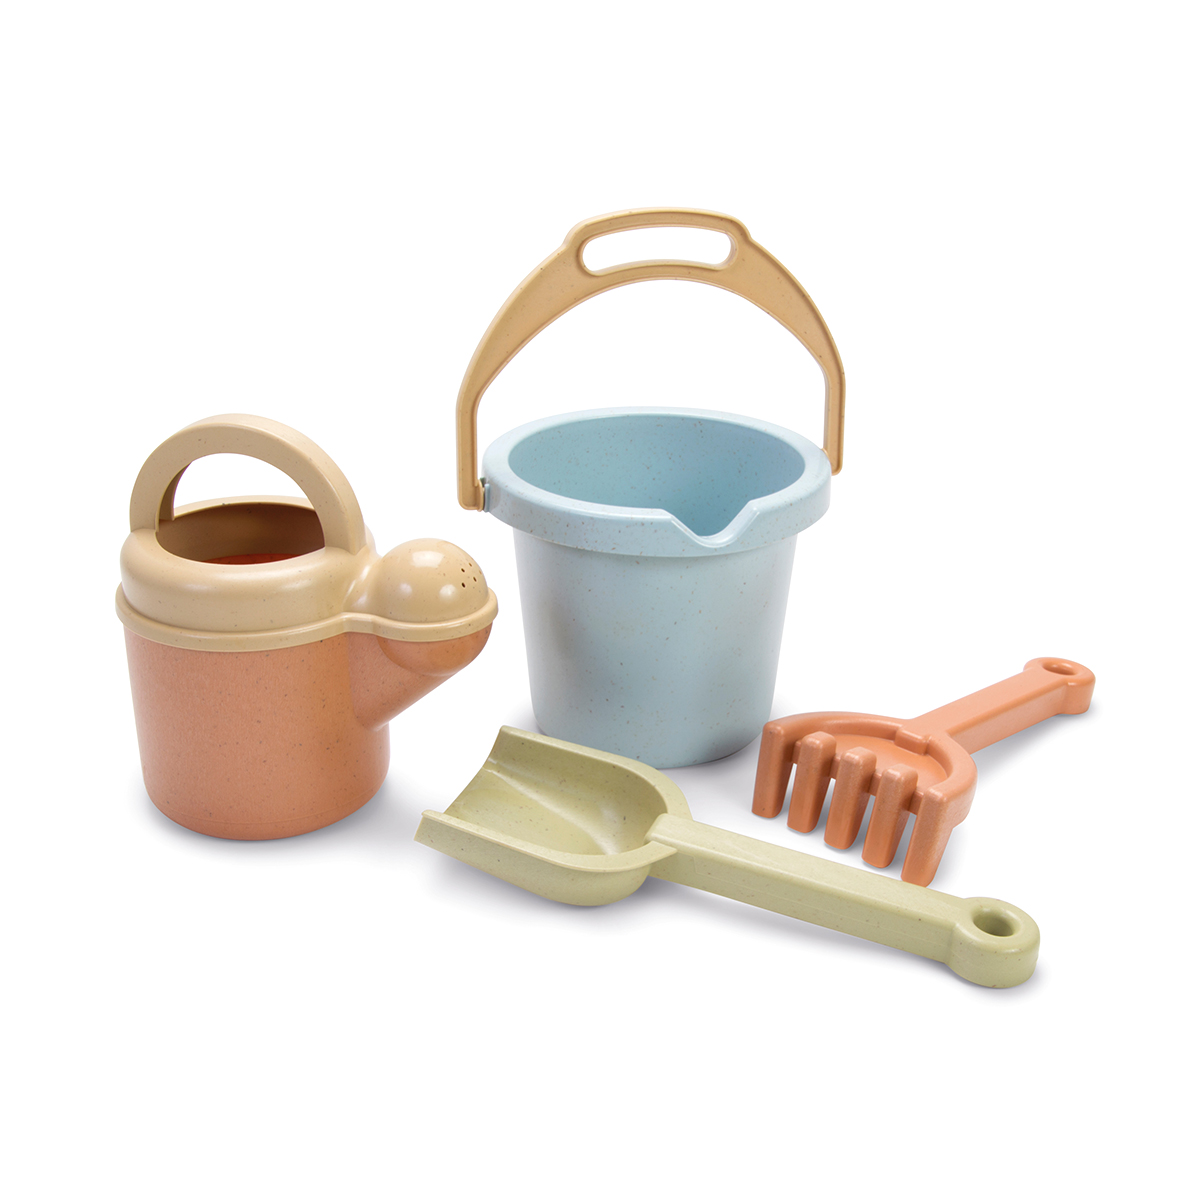 環境にやさしいバイオプラスチックのあそび道具